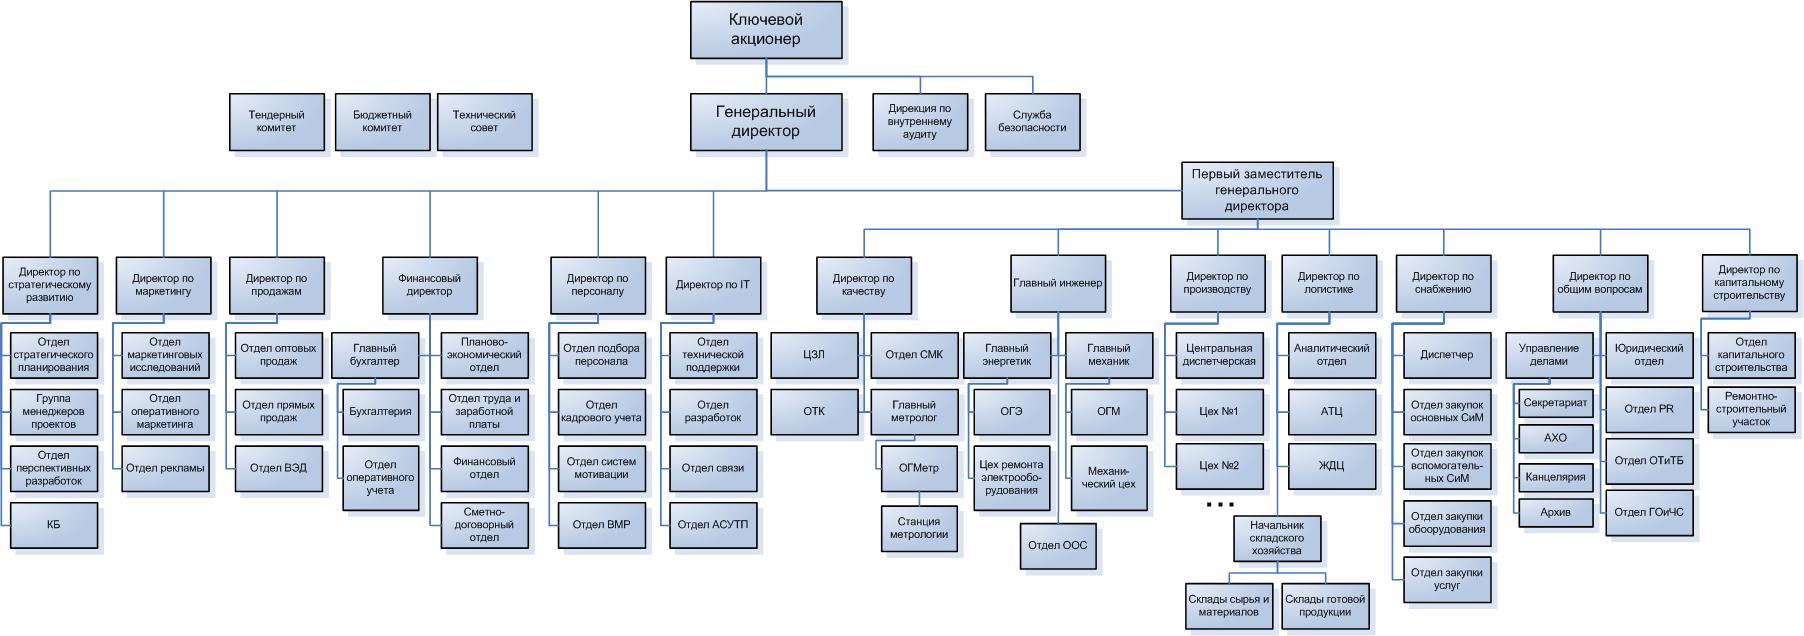 Структура завода